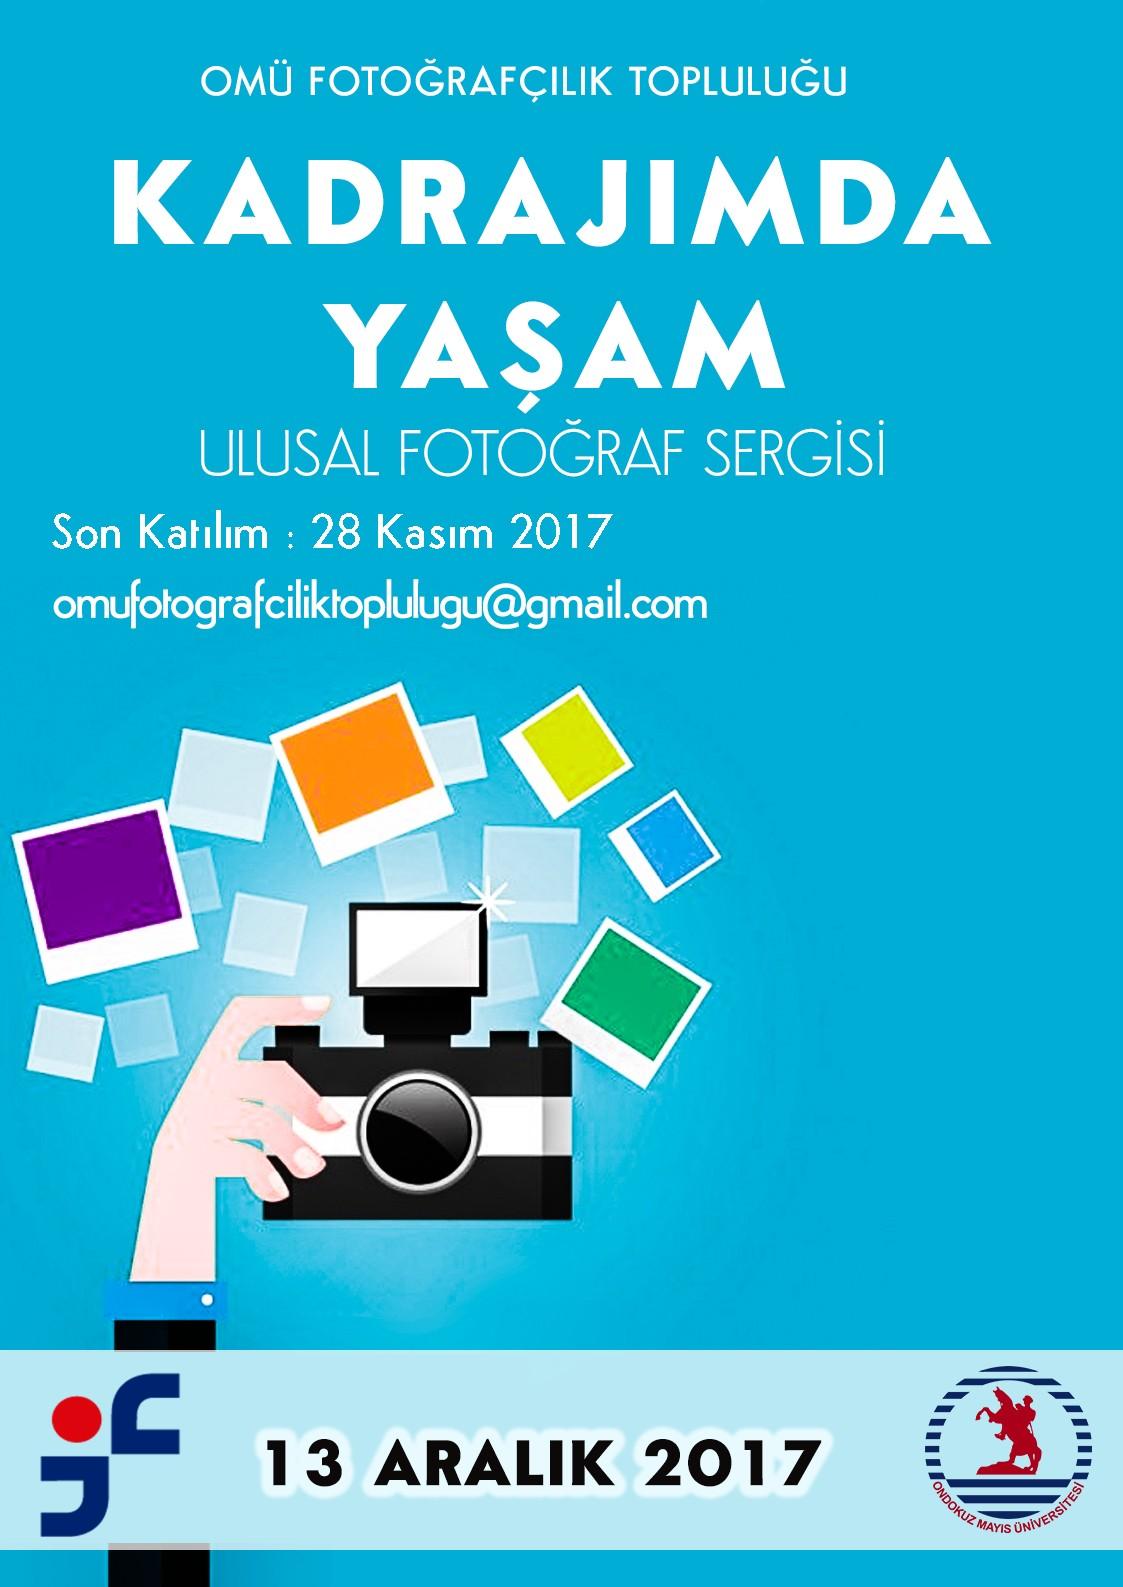 http://www.omu.edu.tr/sites/default/files/files/fotograf_sergisi_-_kadrajimda_yasam/kadrajimda_yasam_ulusal_fotograf_sergisi.jpg